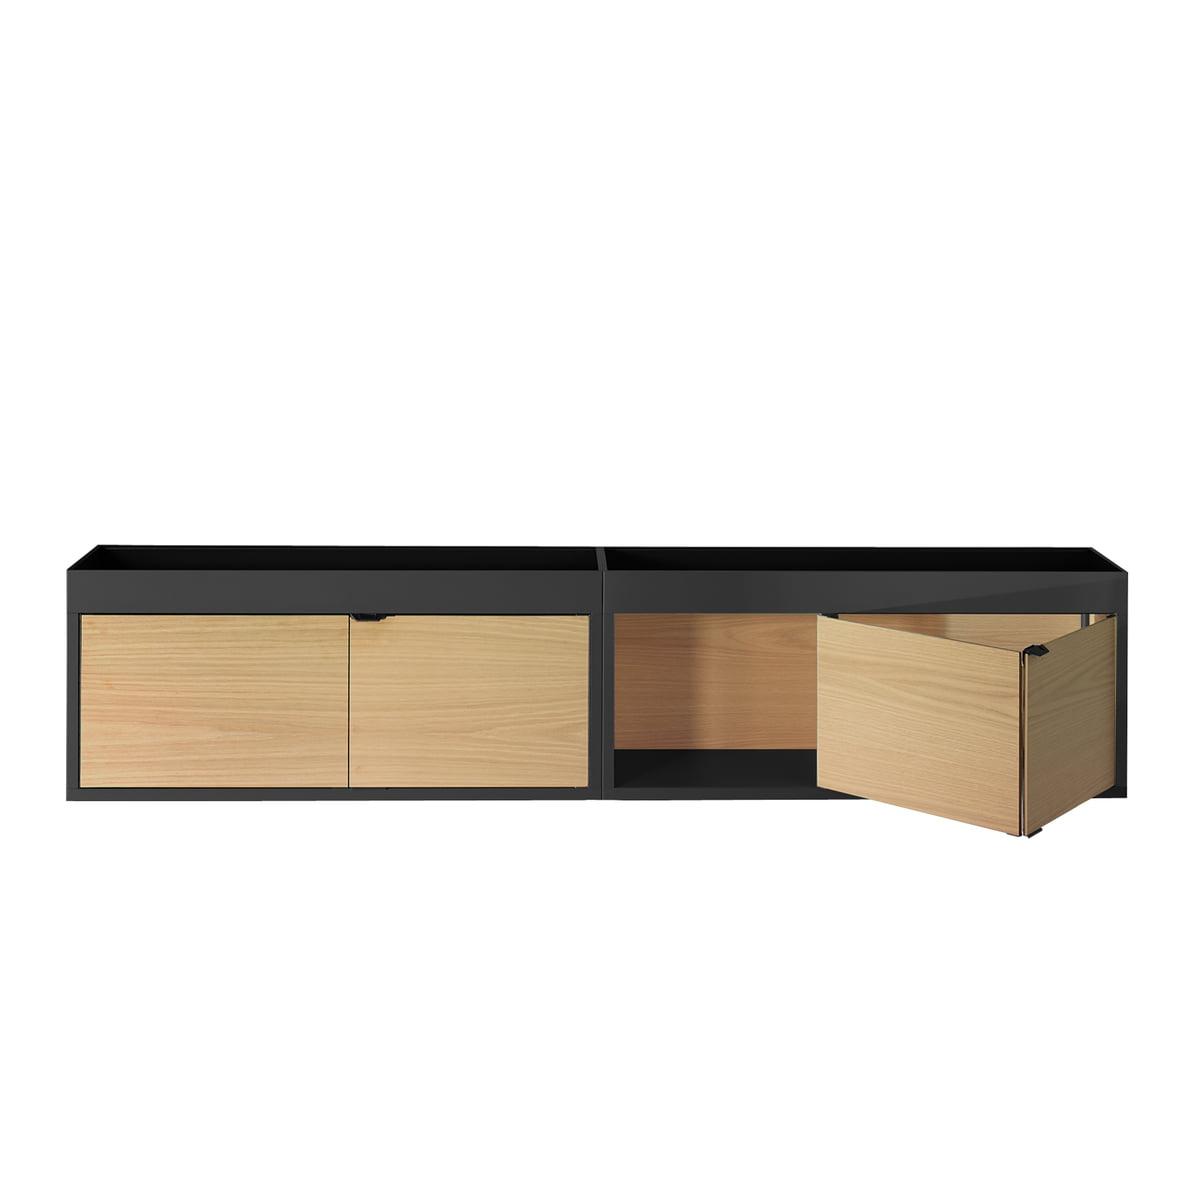 Grau Glaenzend Aktenschränke Online Kaufen Möbel Suchmaschine